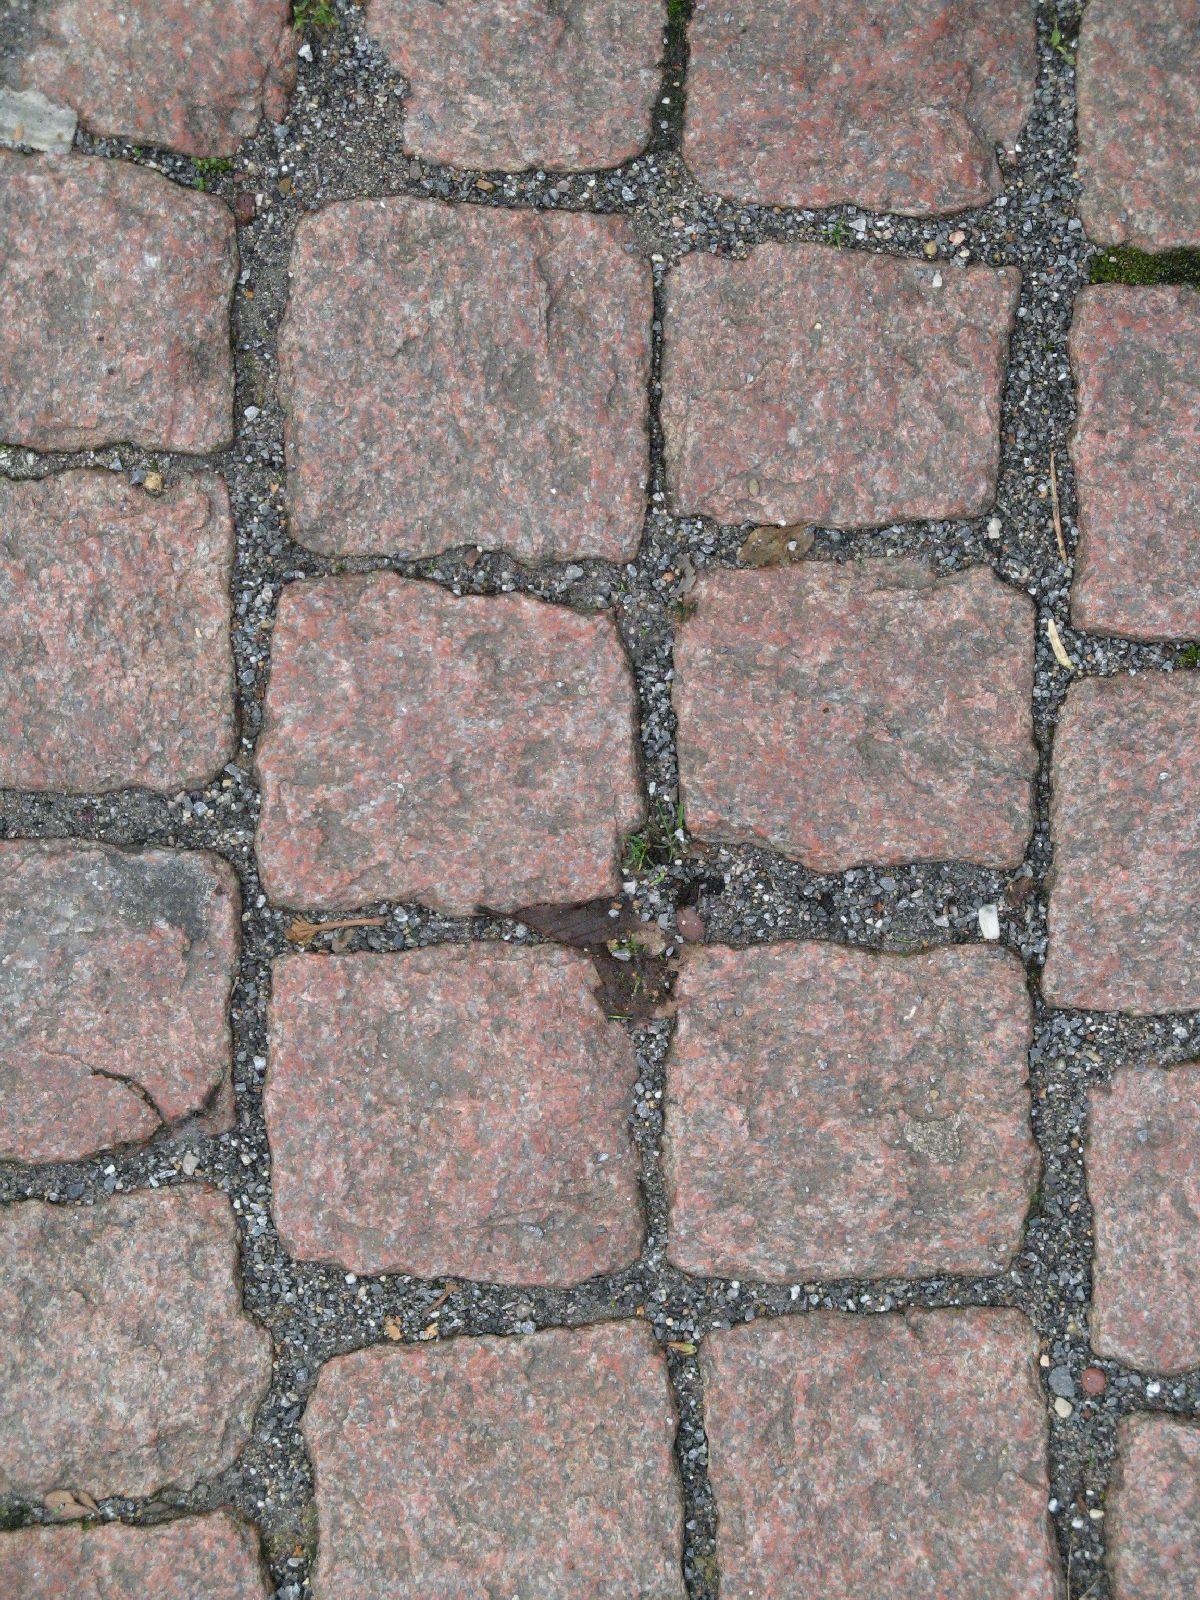 Boden-Gehweg-Strasse-Buergersteig-Textur_B_02447